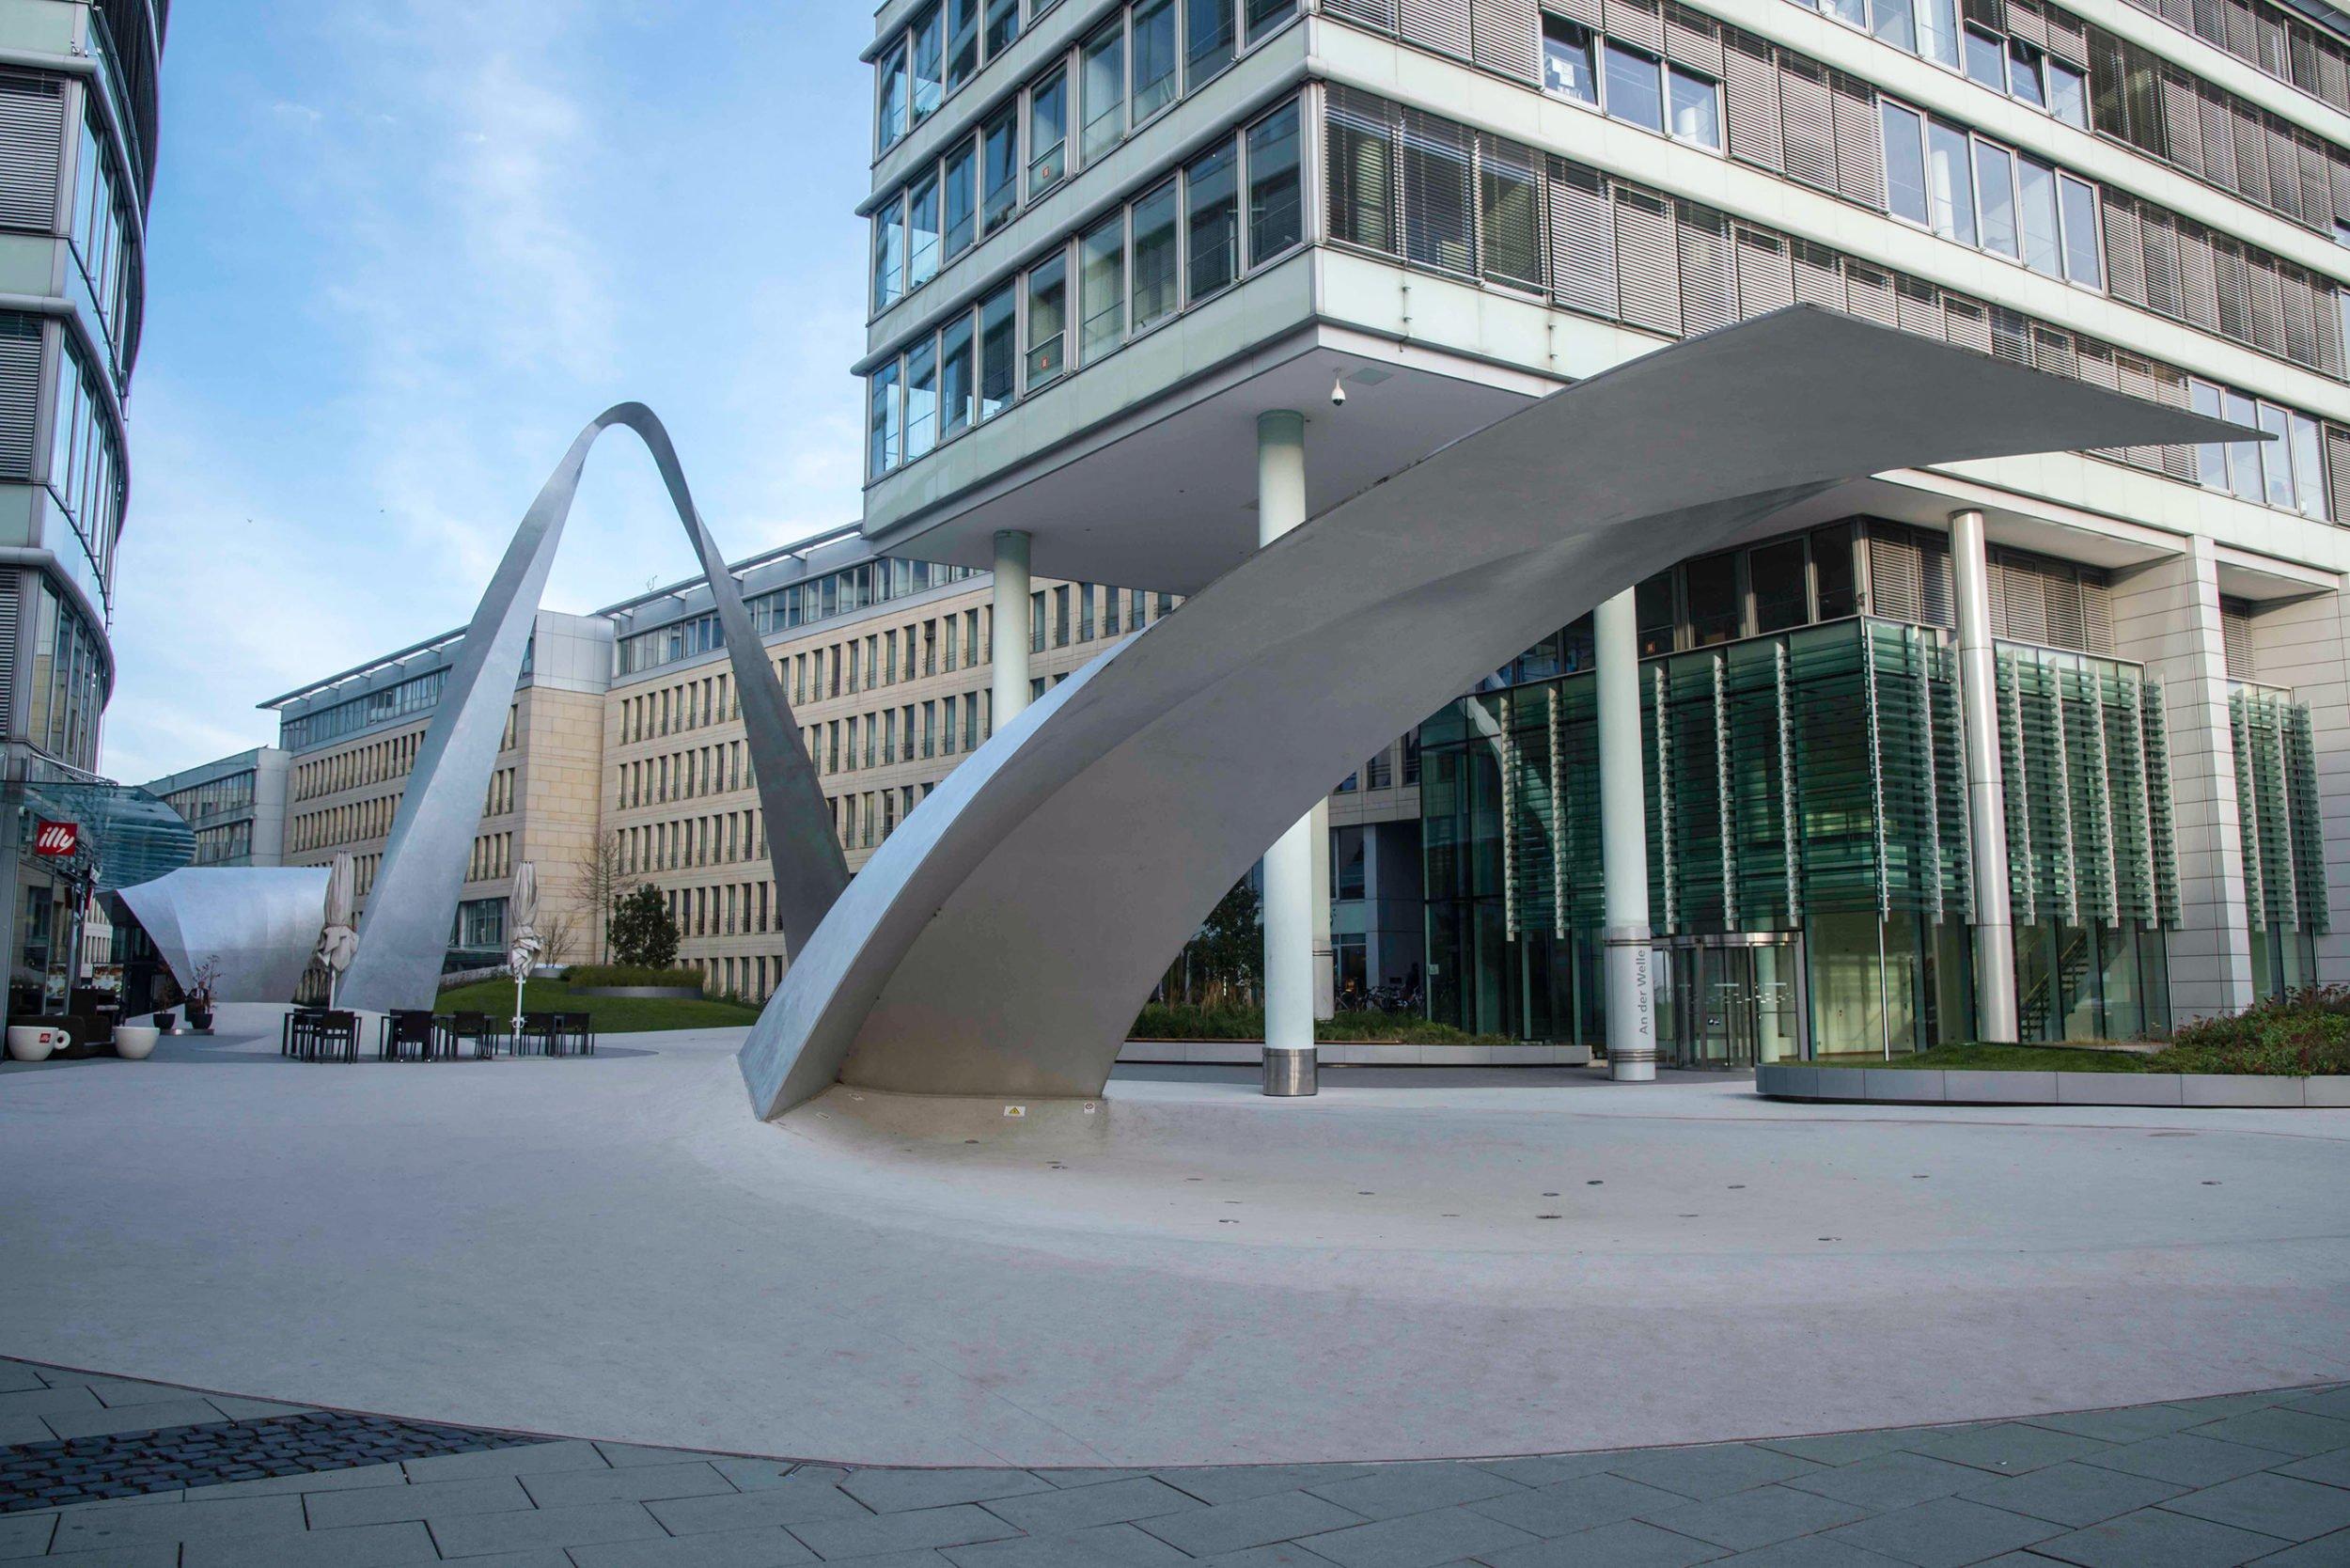 Metallskulpturen auf dem Vorplatz der Welle in Frankfurt